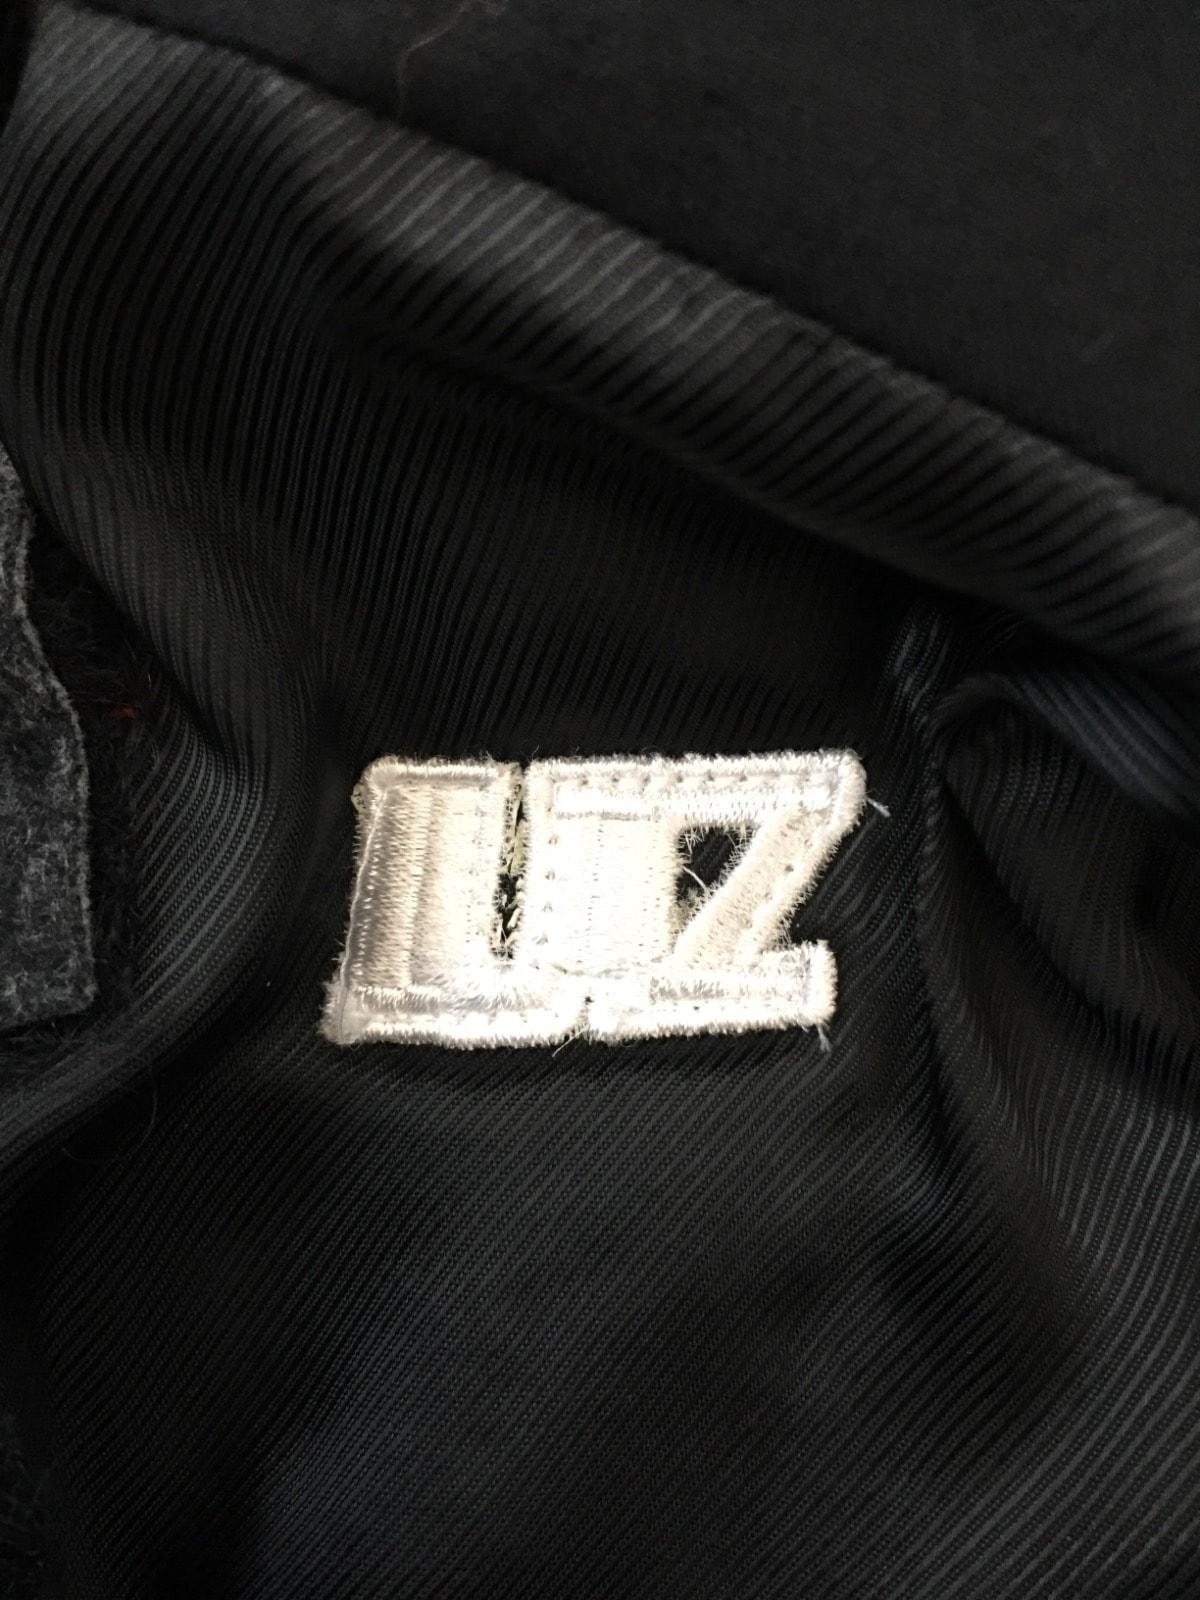 LUTZ(ルッツ)のブルゾン